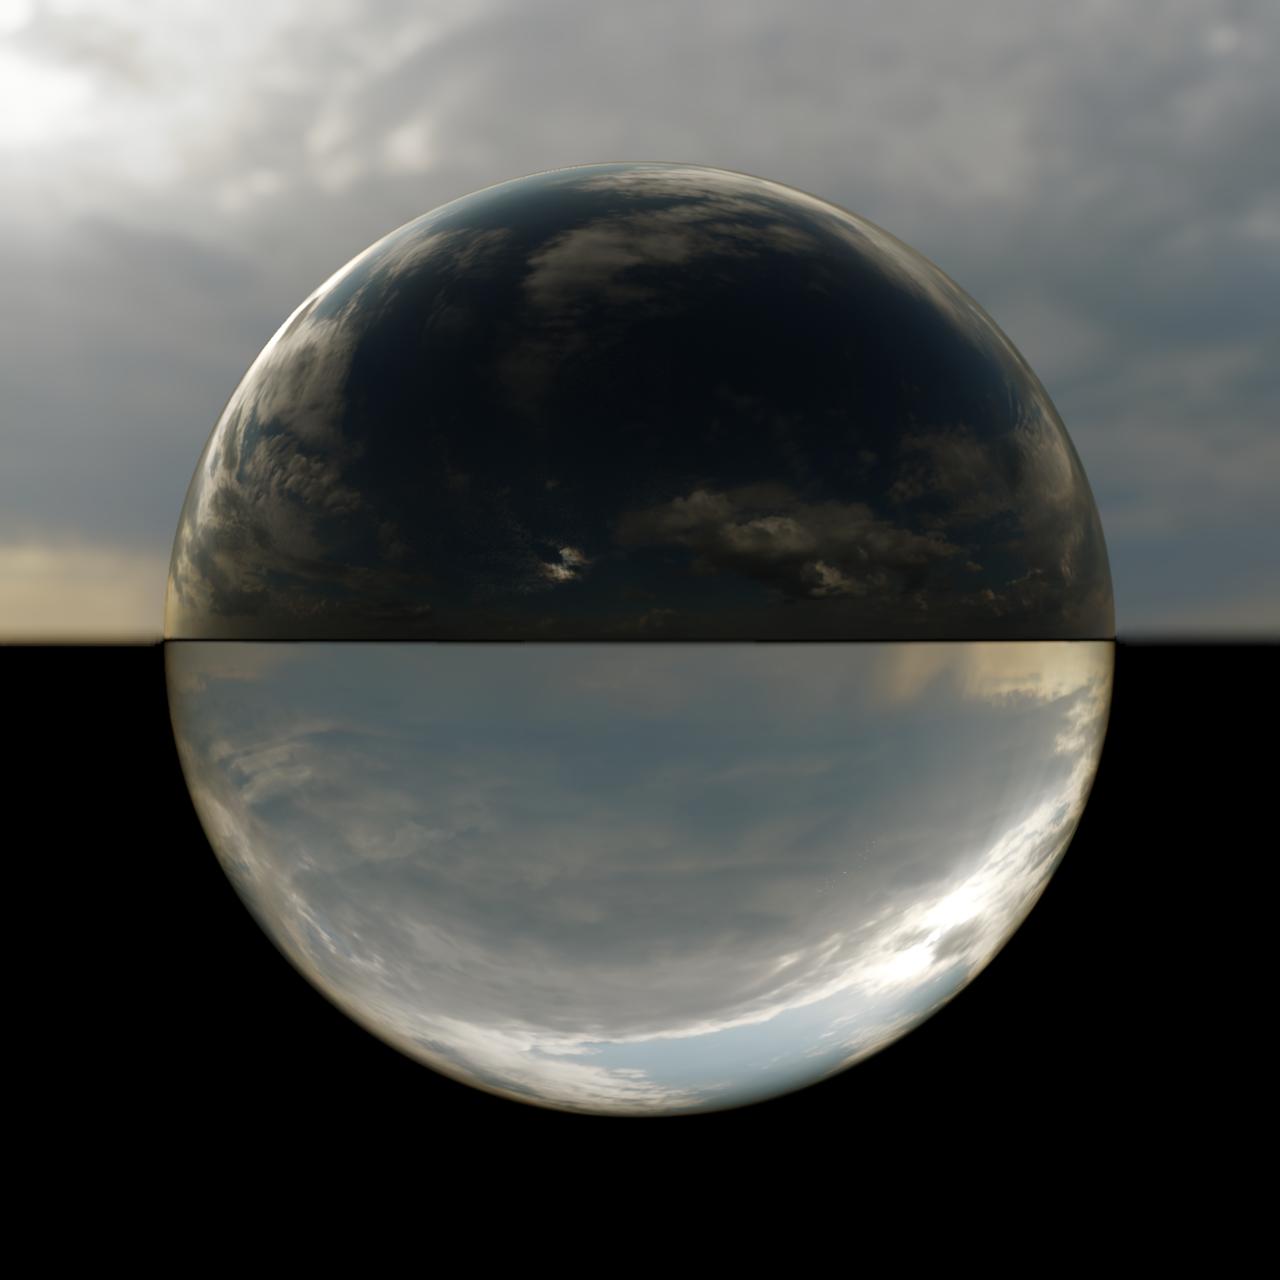 Terrain Balls